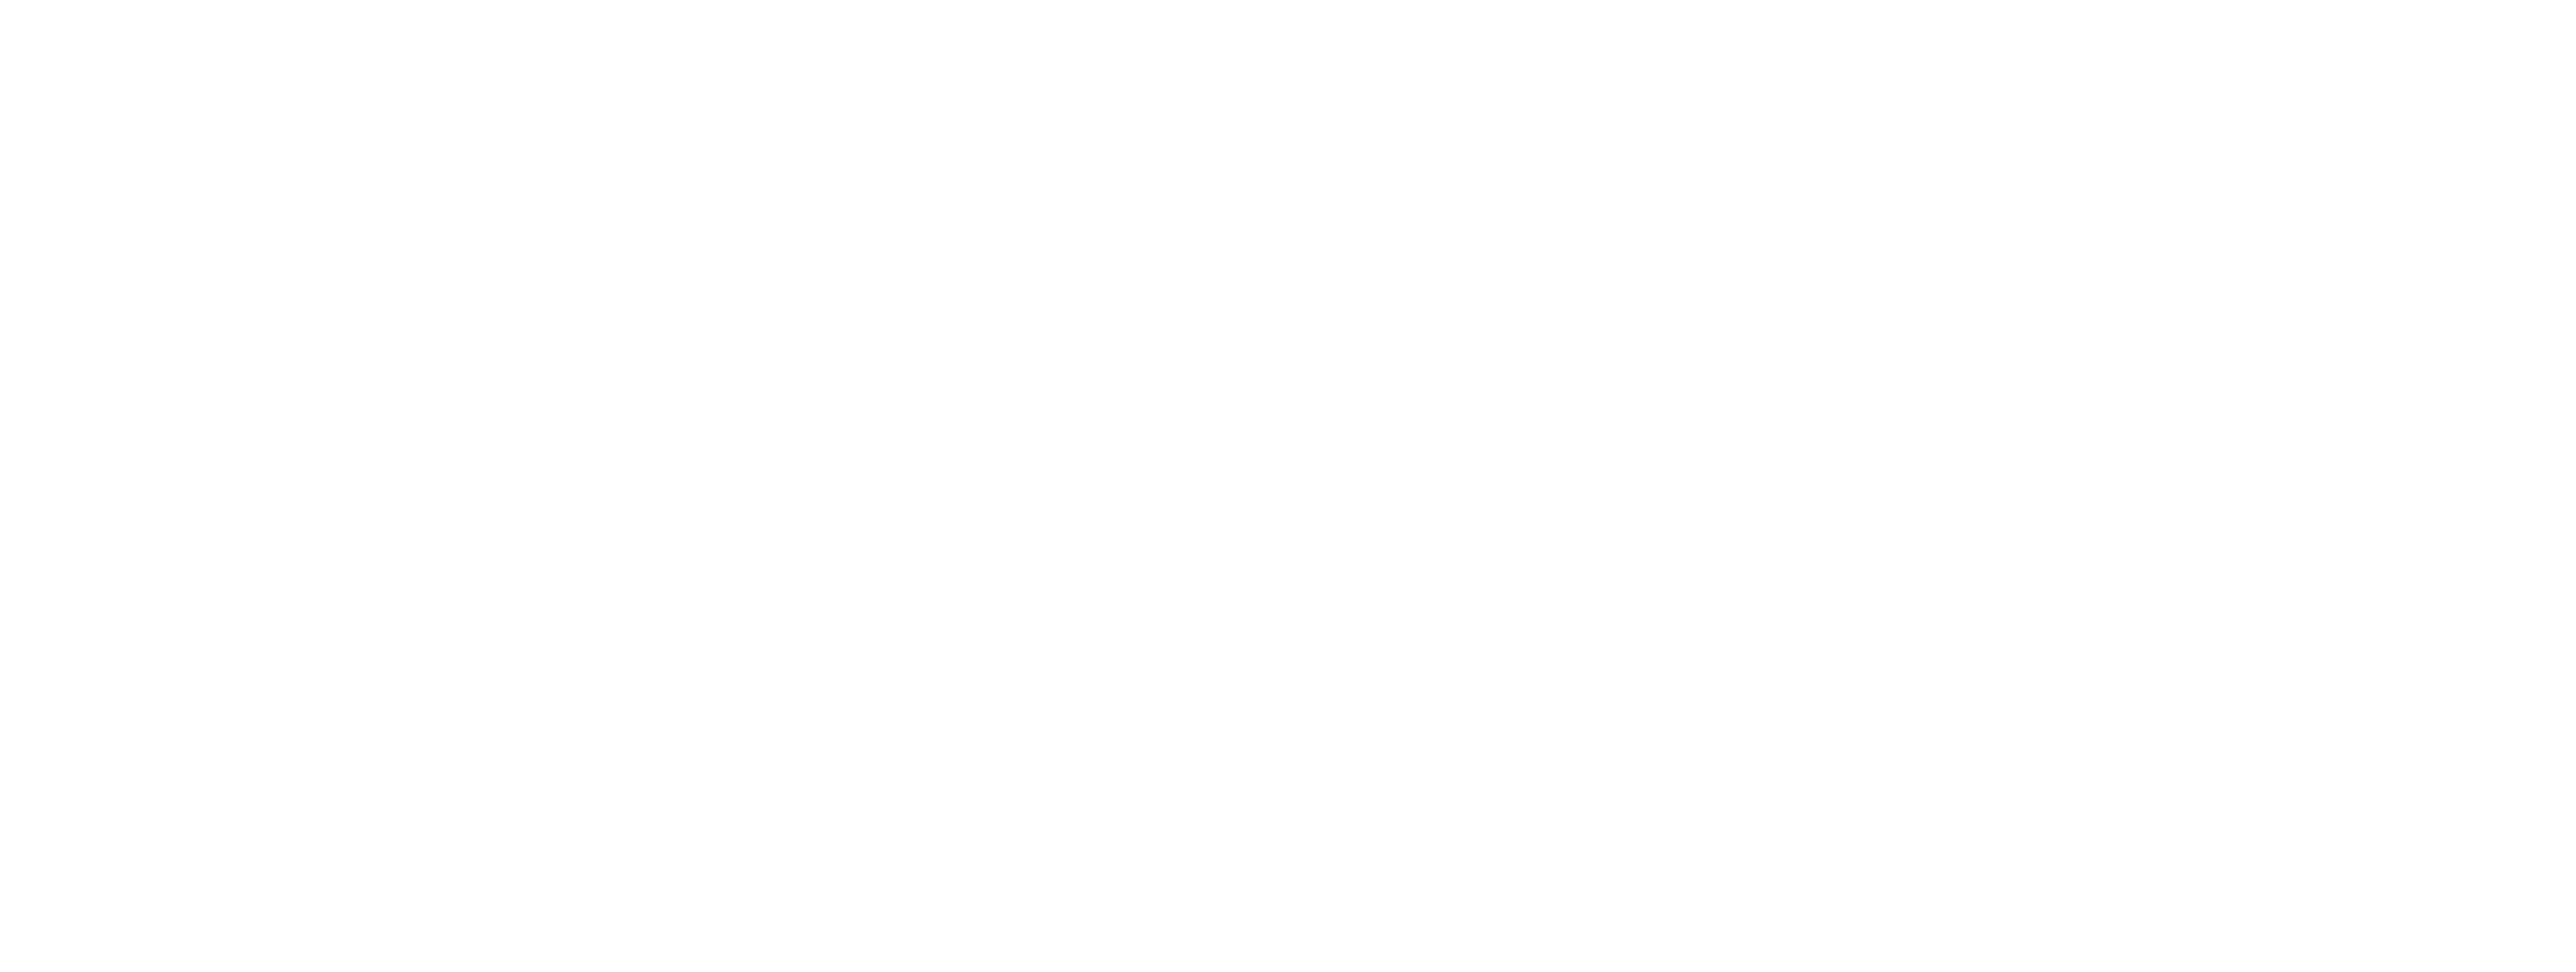 Bertram Bergink